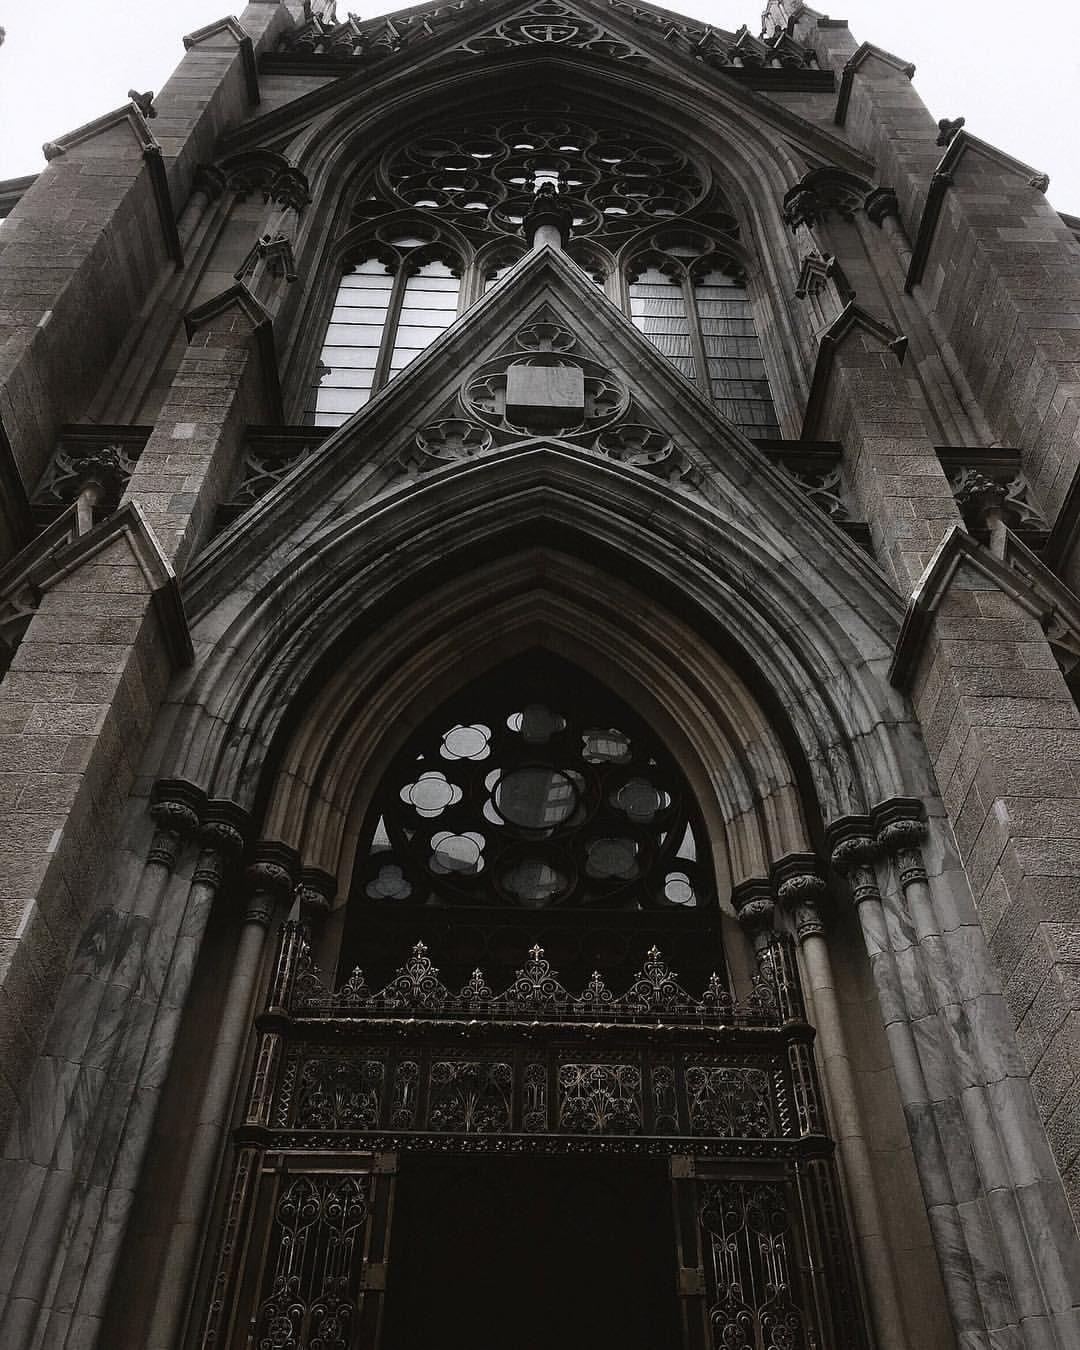 этом можно ретро фото готической архитектуры часть иркутян удовольствием